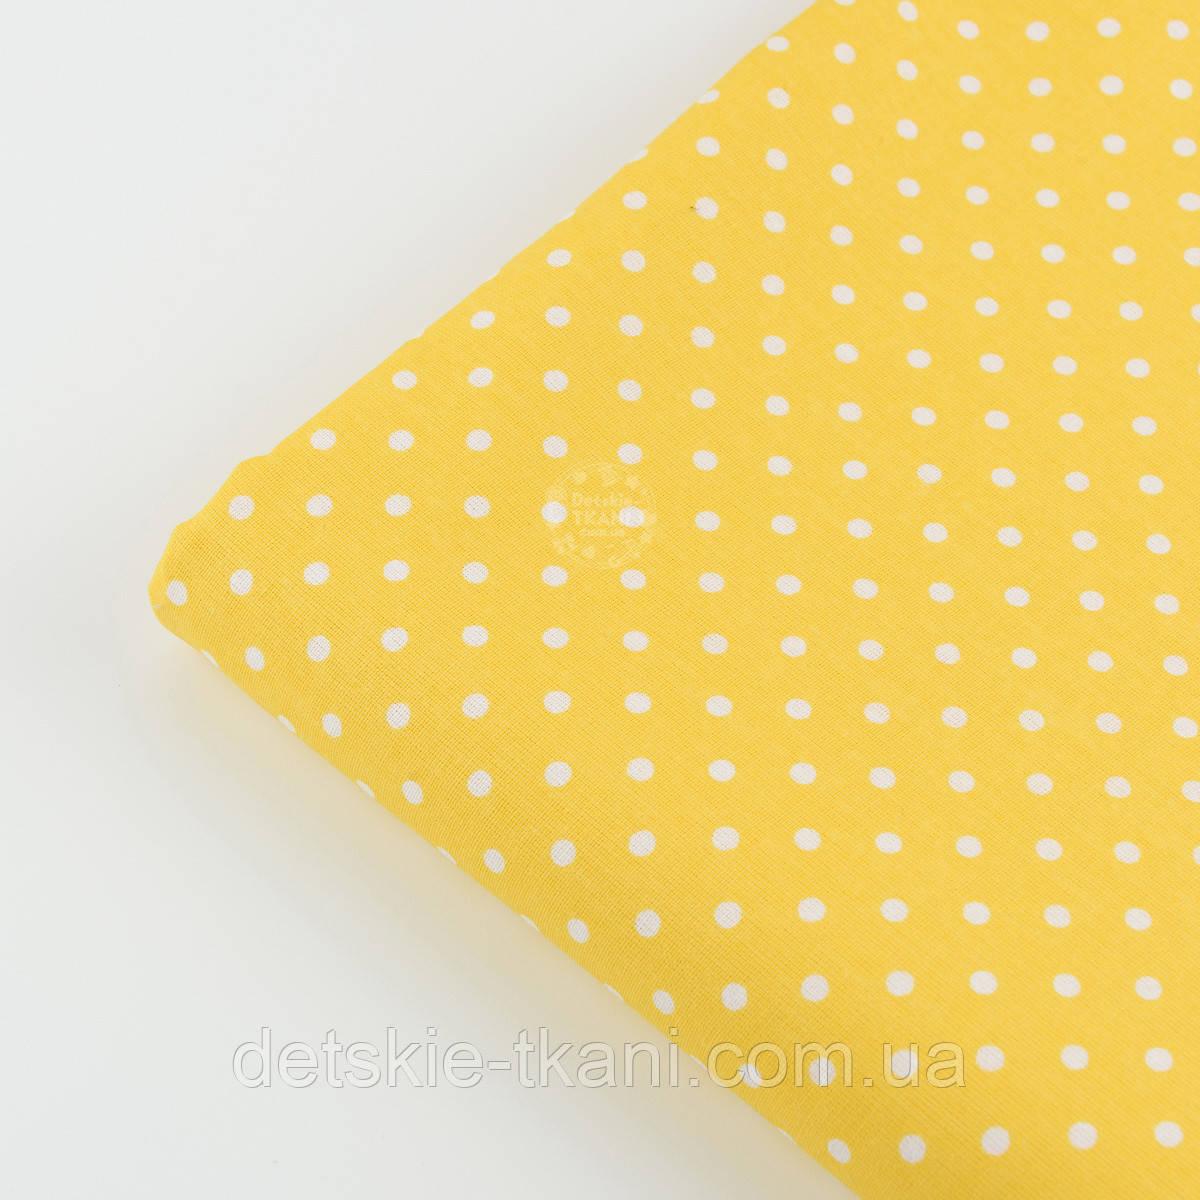 Лоскут ткани №823 с горошком 4 мм на жёлтом фоне, размер 56*104 см